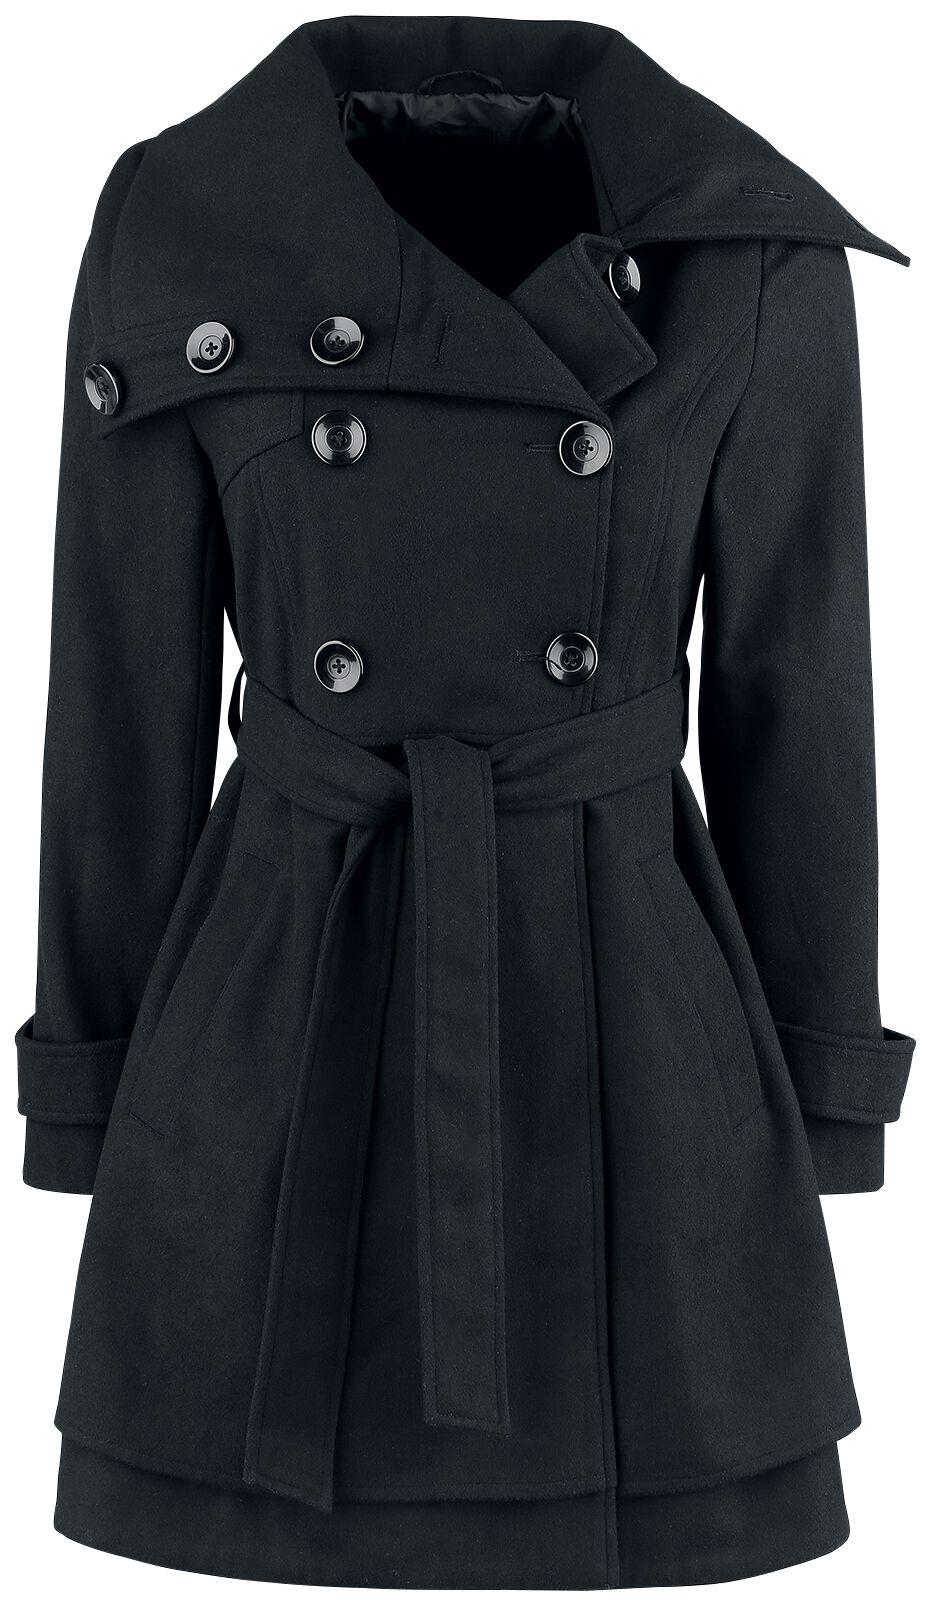 Jacken für Frauen - Black Premium by EMP Good Times Wintermantel schwarz  - Onlineshop EMP